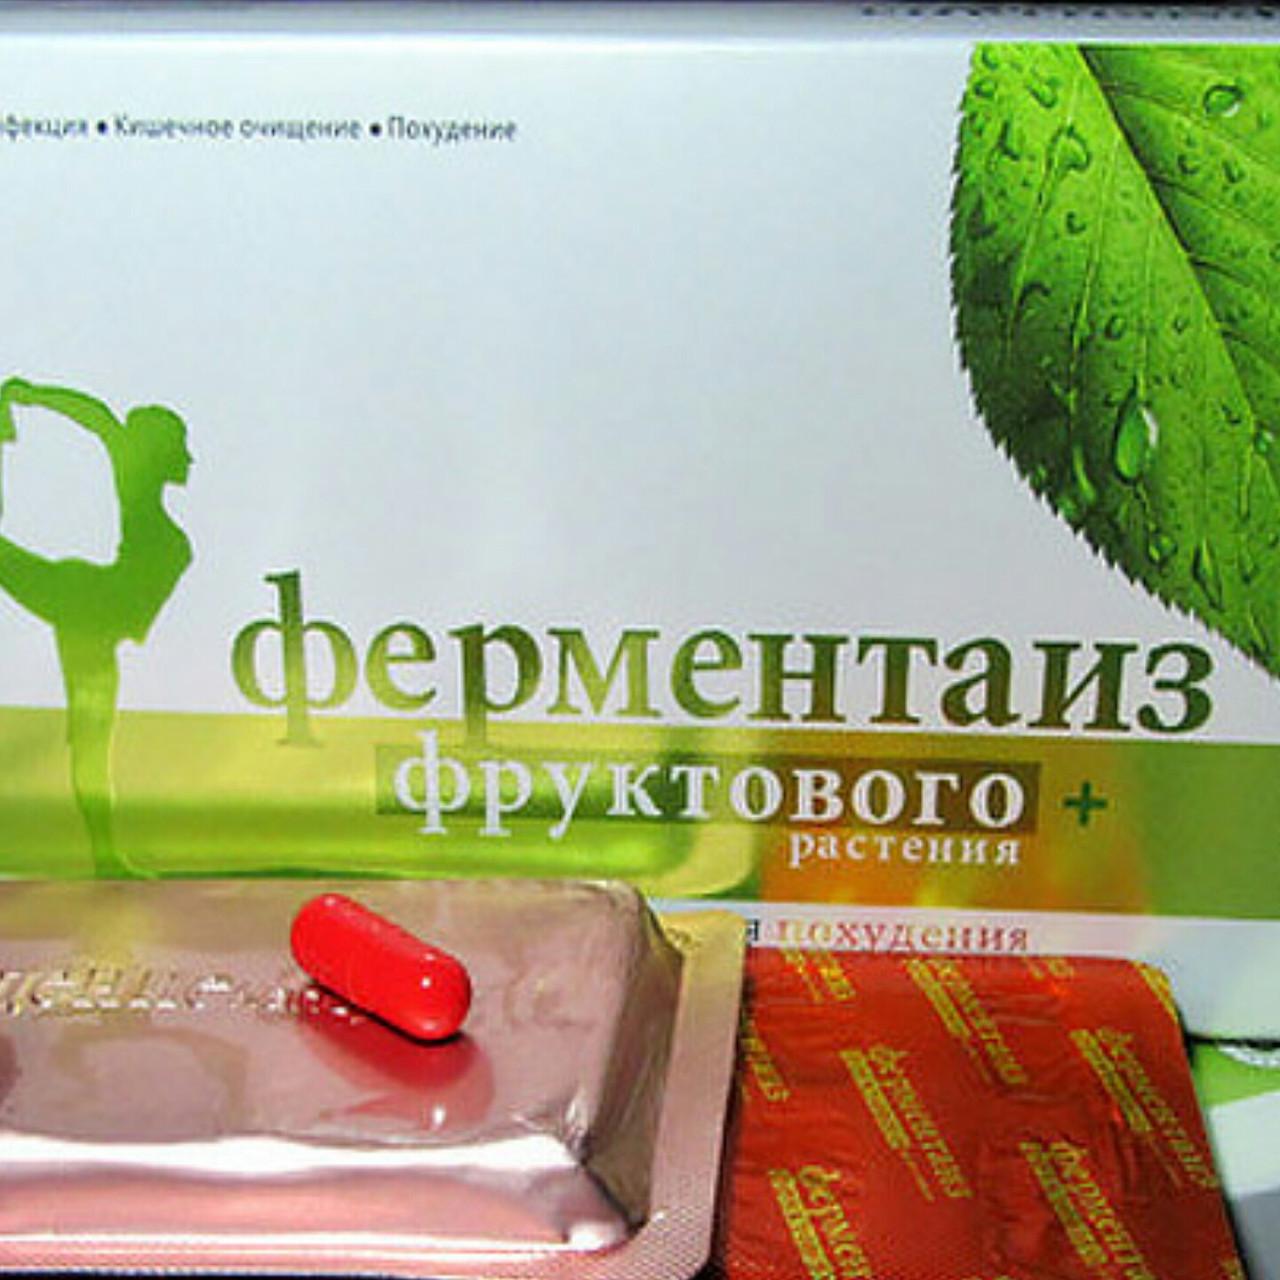 Похудение С Помощью Капсул. Препараты для похудения, которые реально помогают и продаются в аптеке